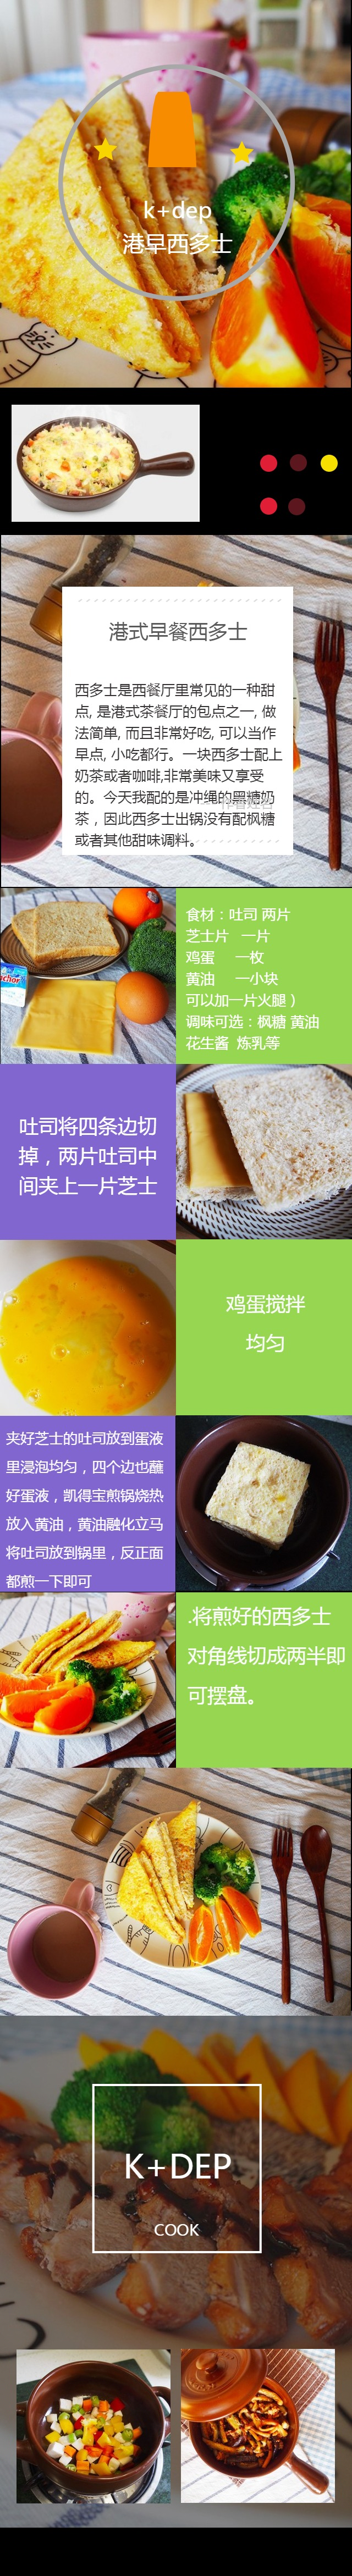 简约风早餐香港西多士制作方法介绍宣传推广单页